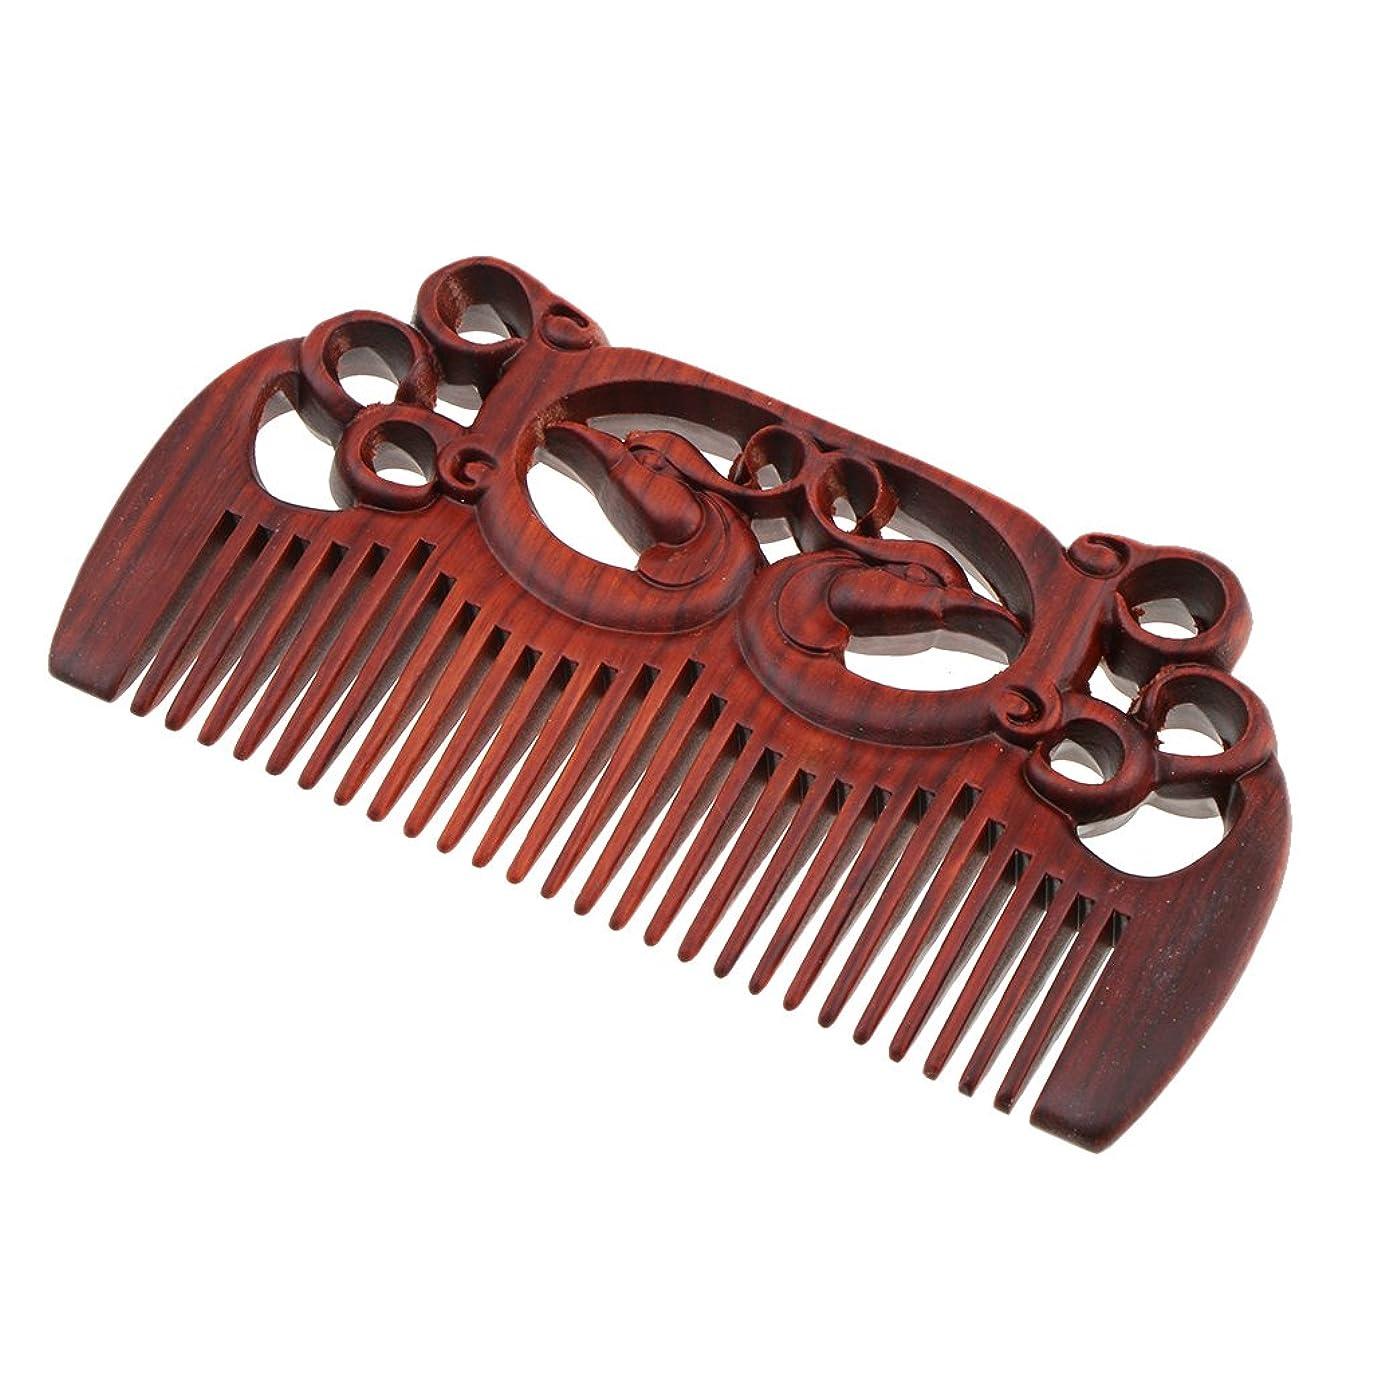 美的しおれたマークPerfk ヘアコーム 木製櫛 頭皮マッサージ 櫛 ヘアスタイリング 高品質 2タイプ選べる - #1